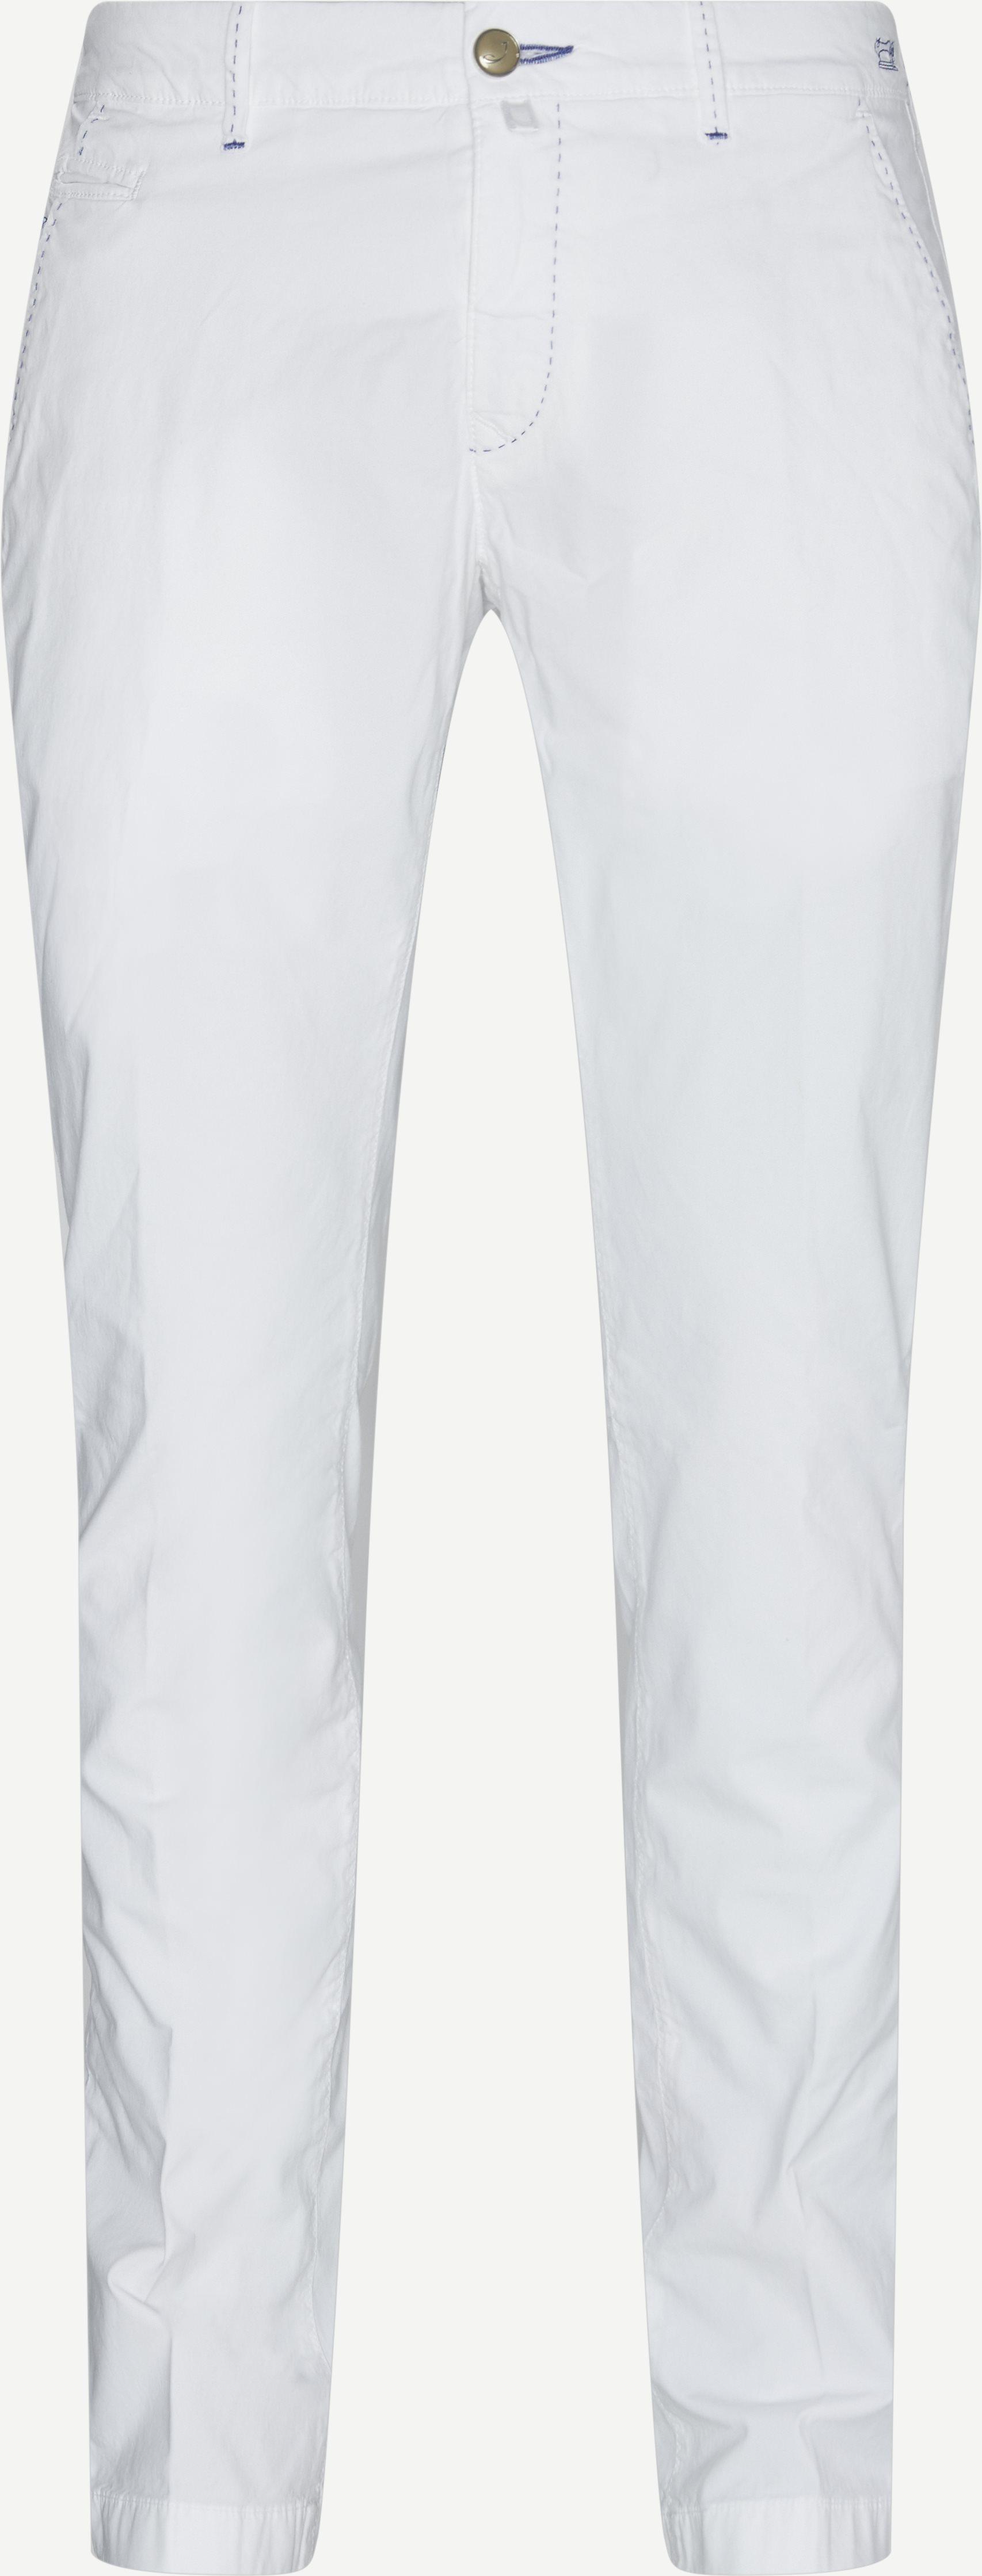 Hosen - Slim - Weiß